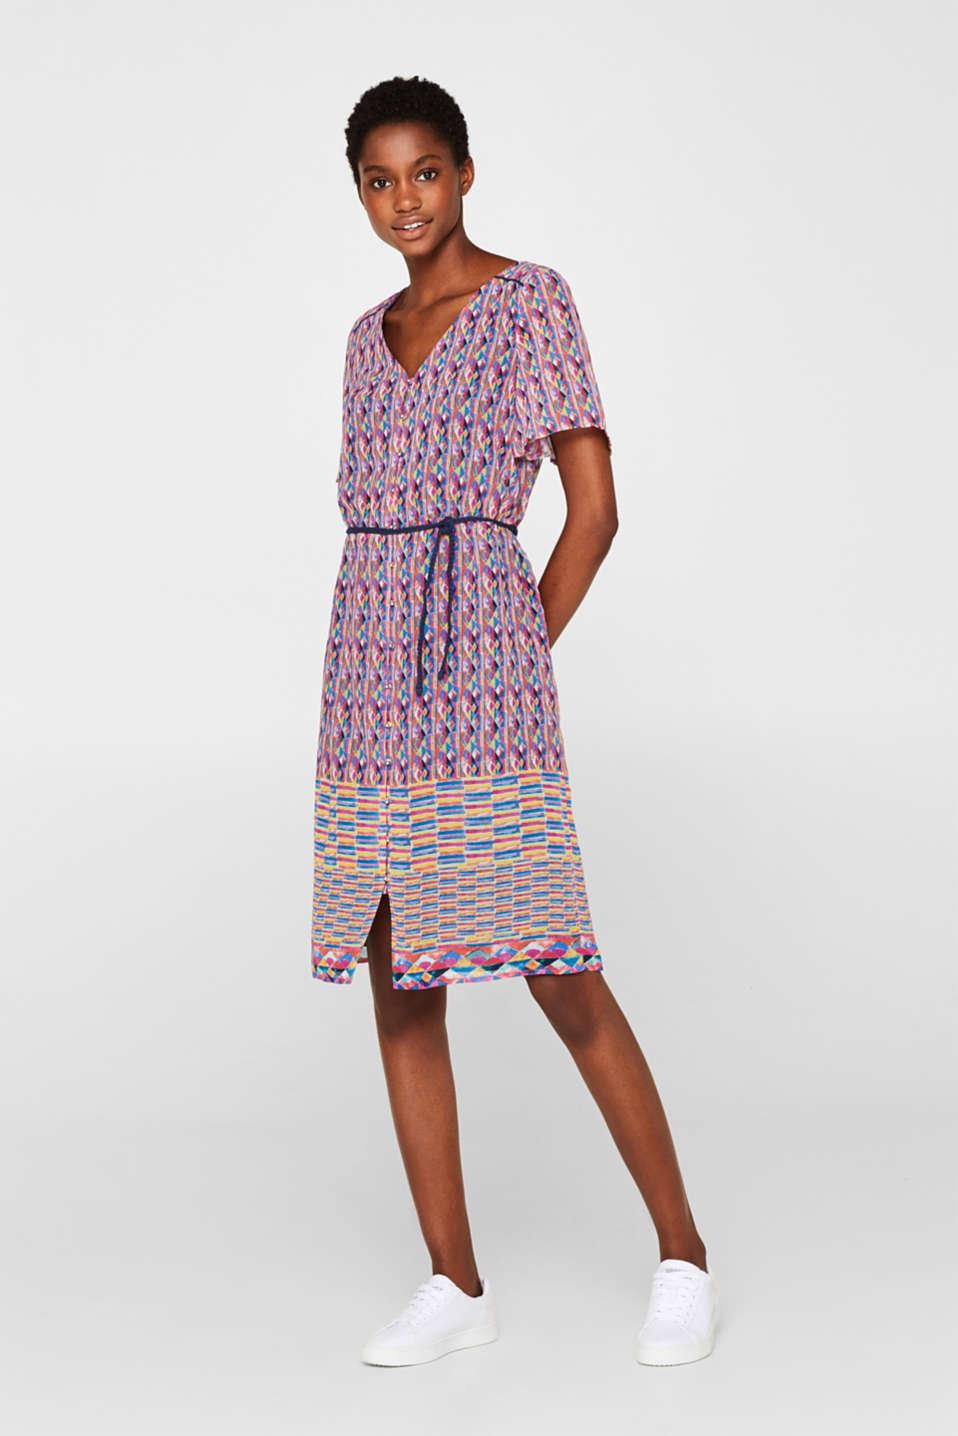 Chiffon dress with a mosaic print and braided belt